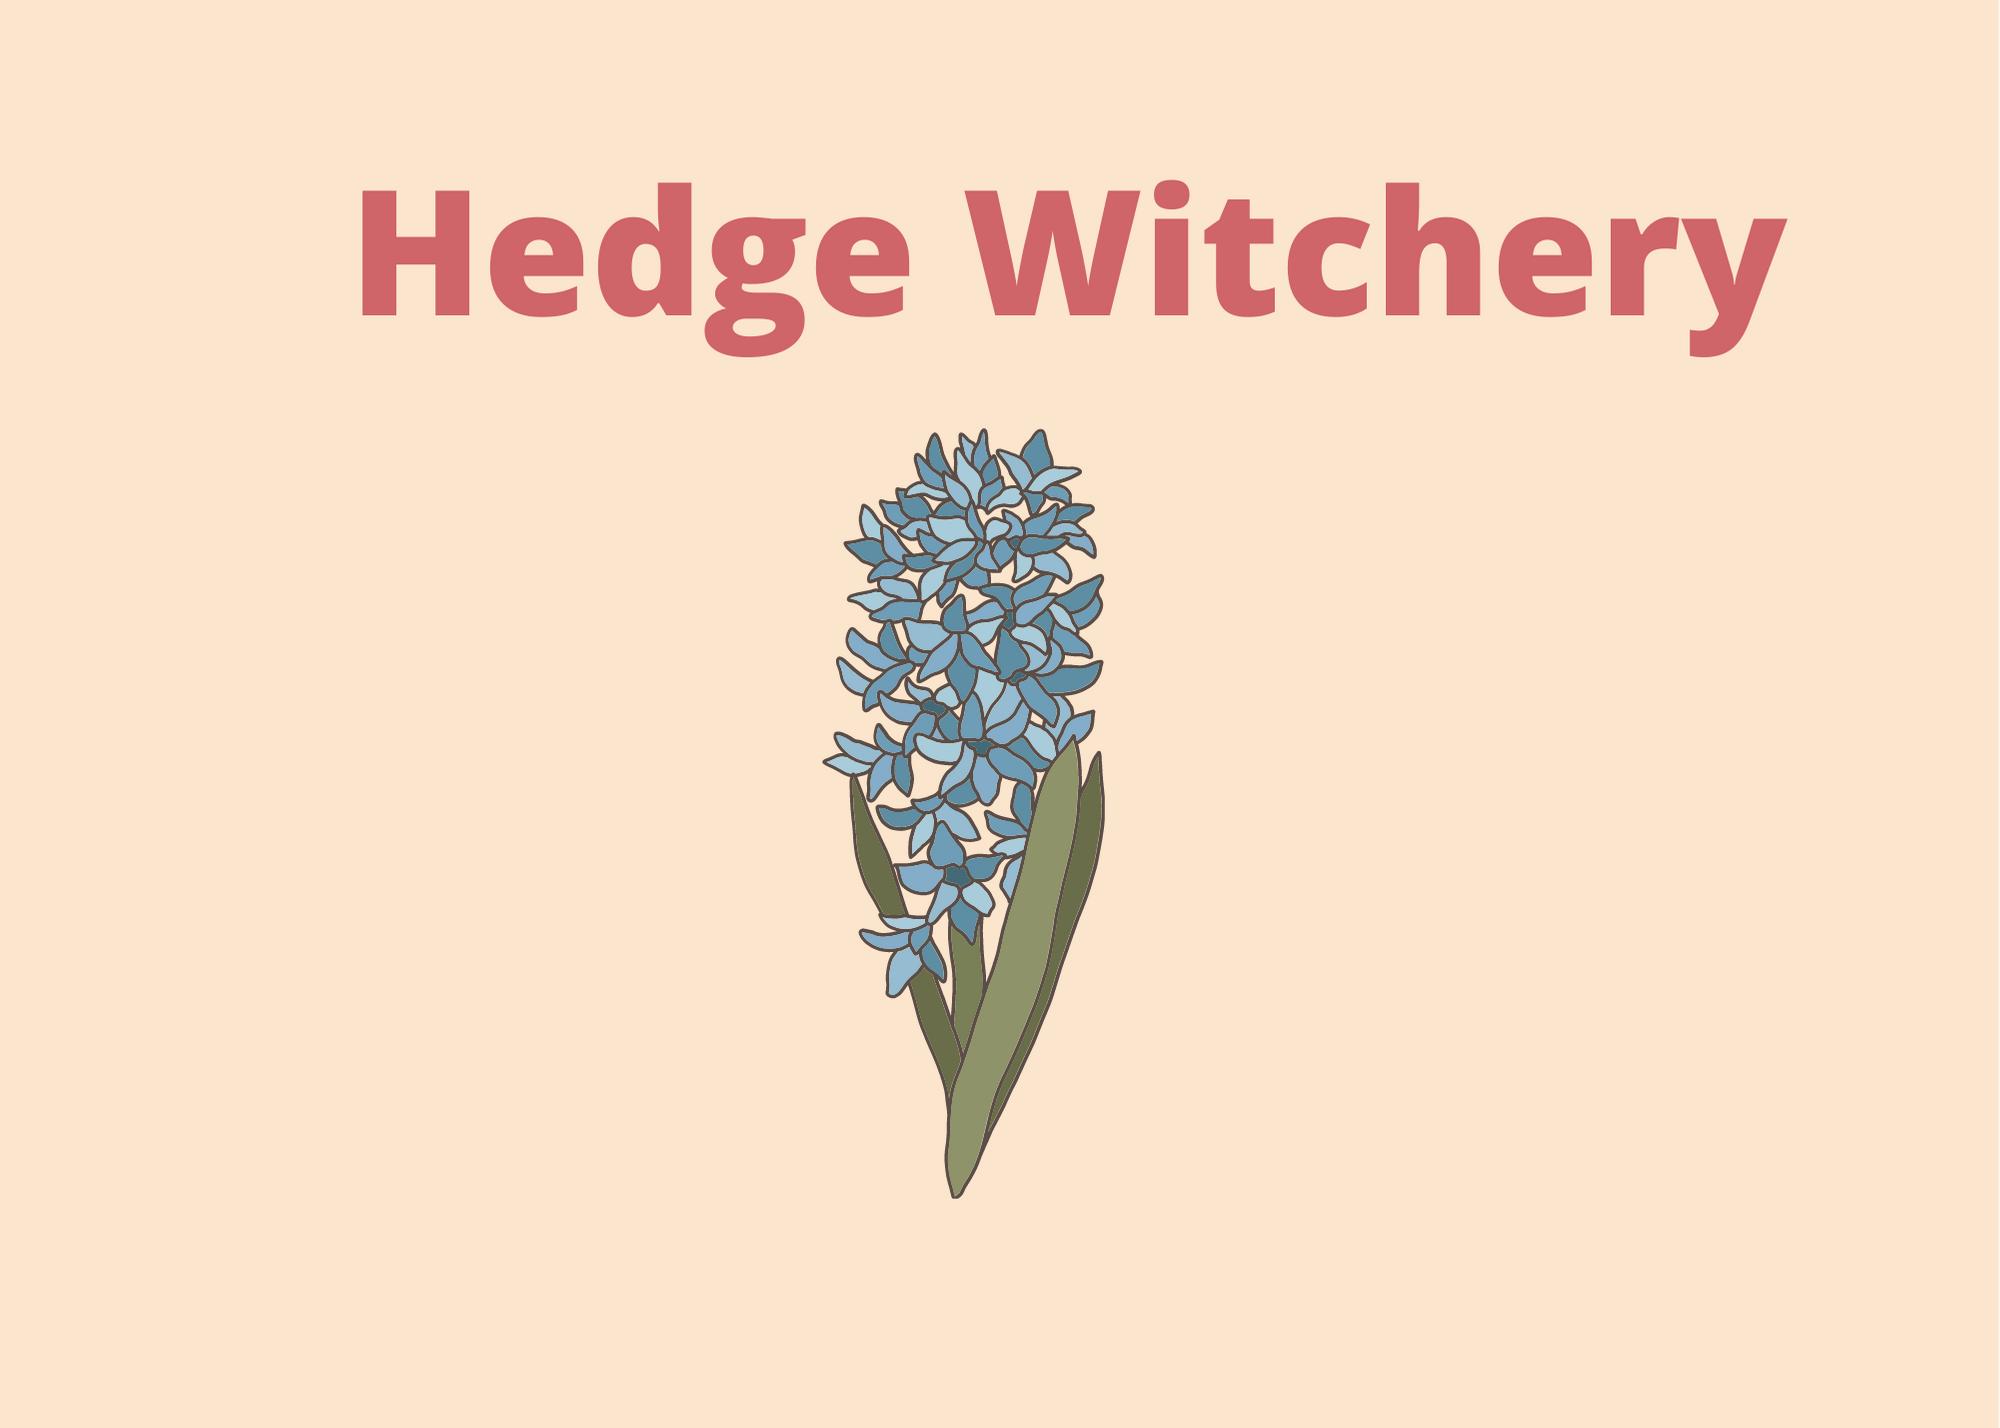 Hedge Witchery, herbal magic, herbal sachet, herbal charms, herbal spells, herbal remedies